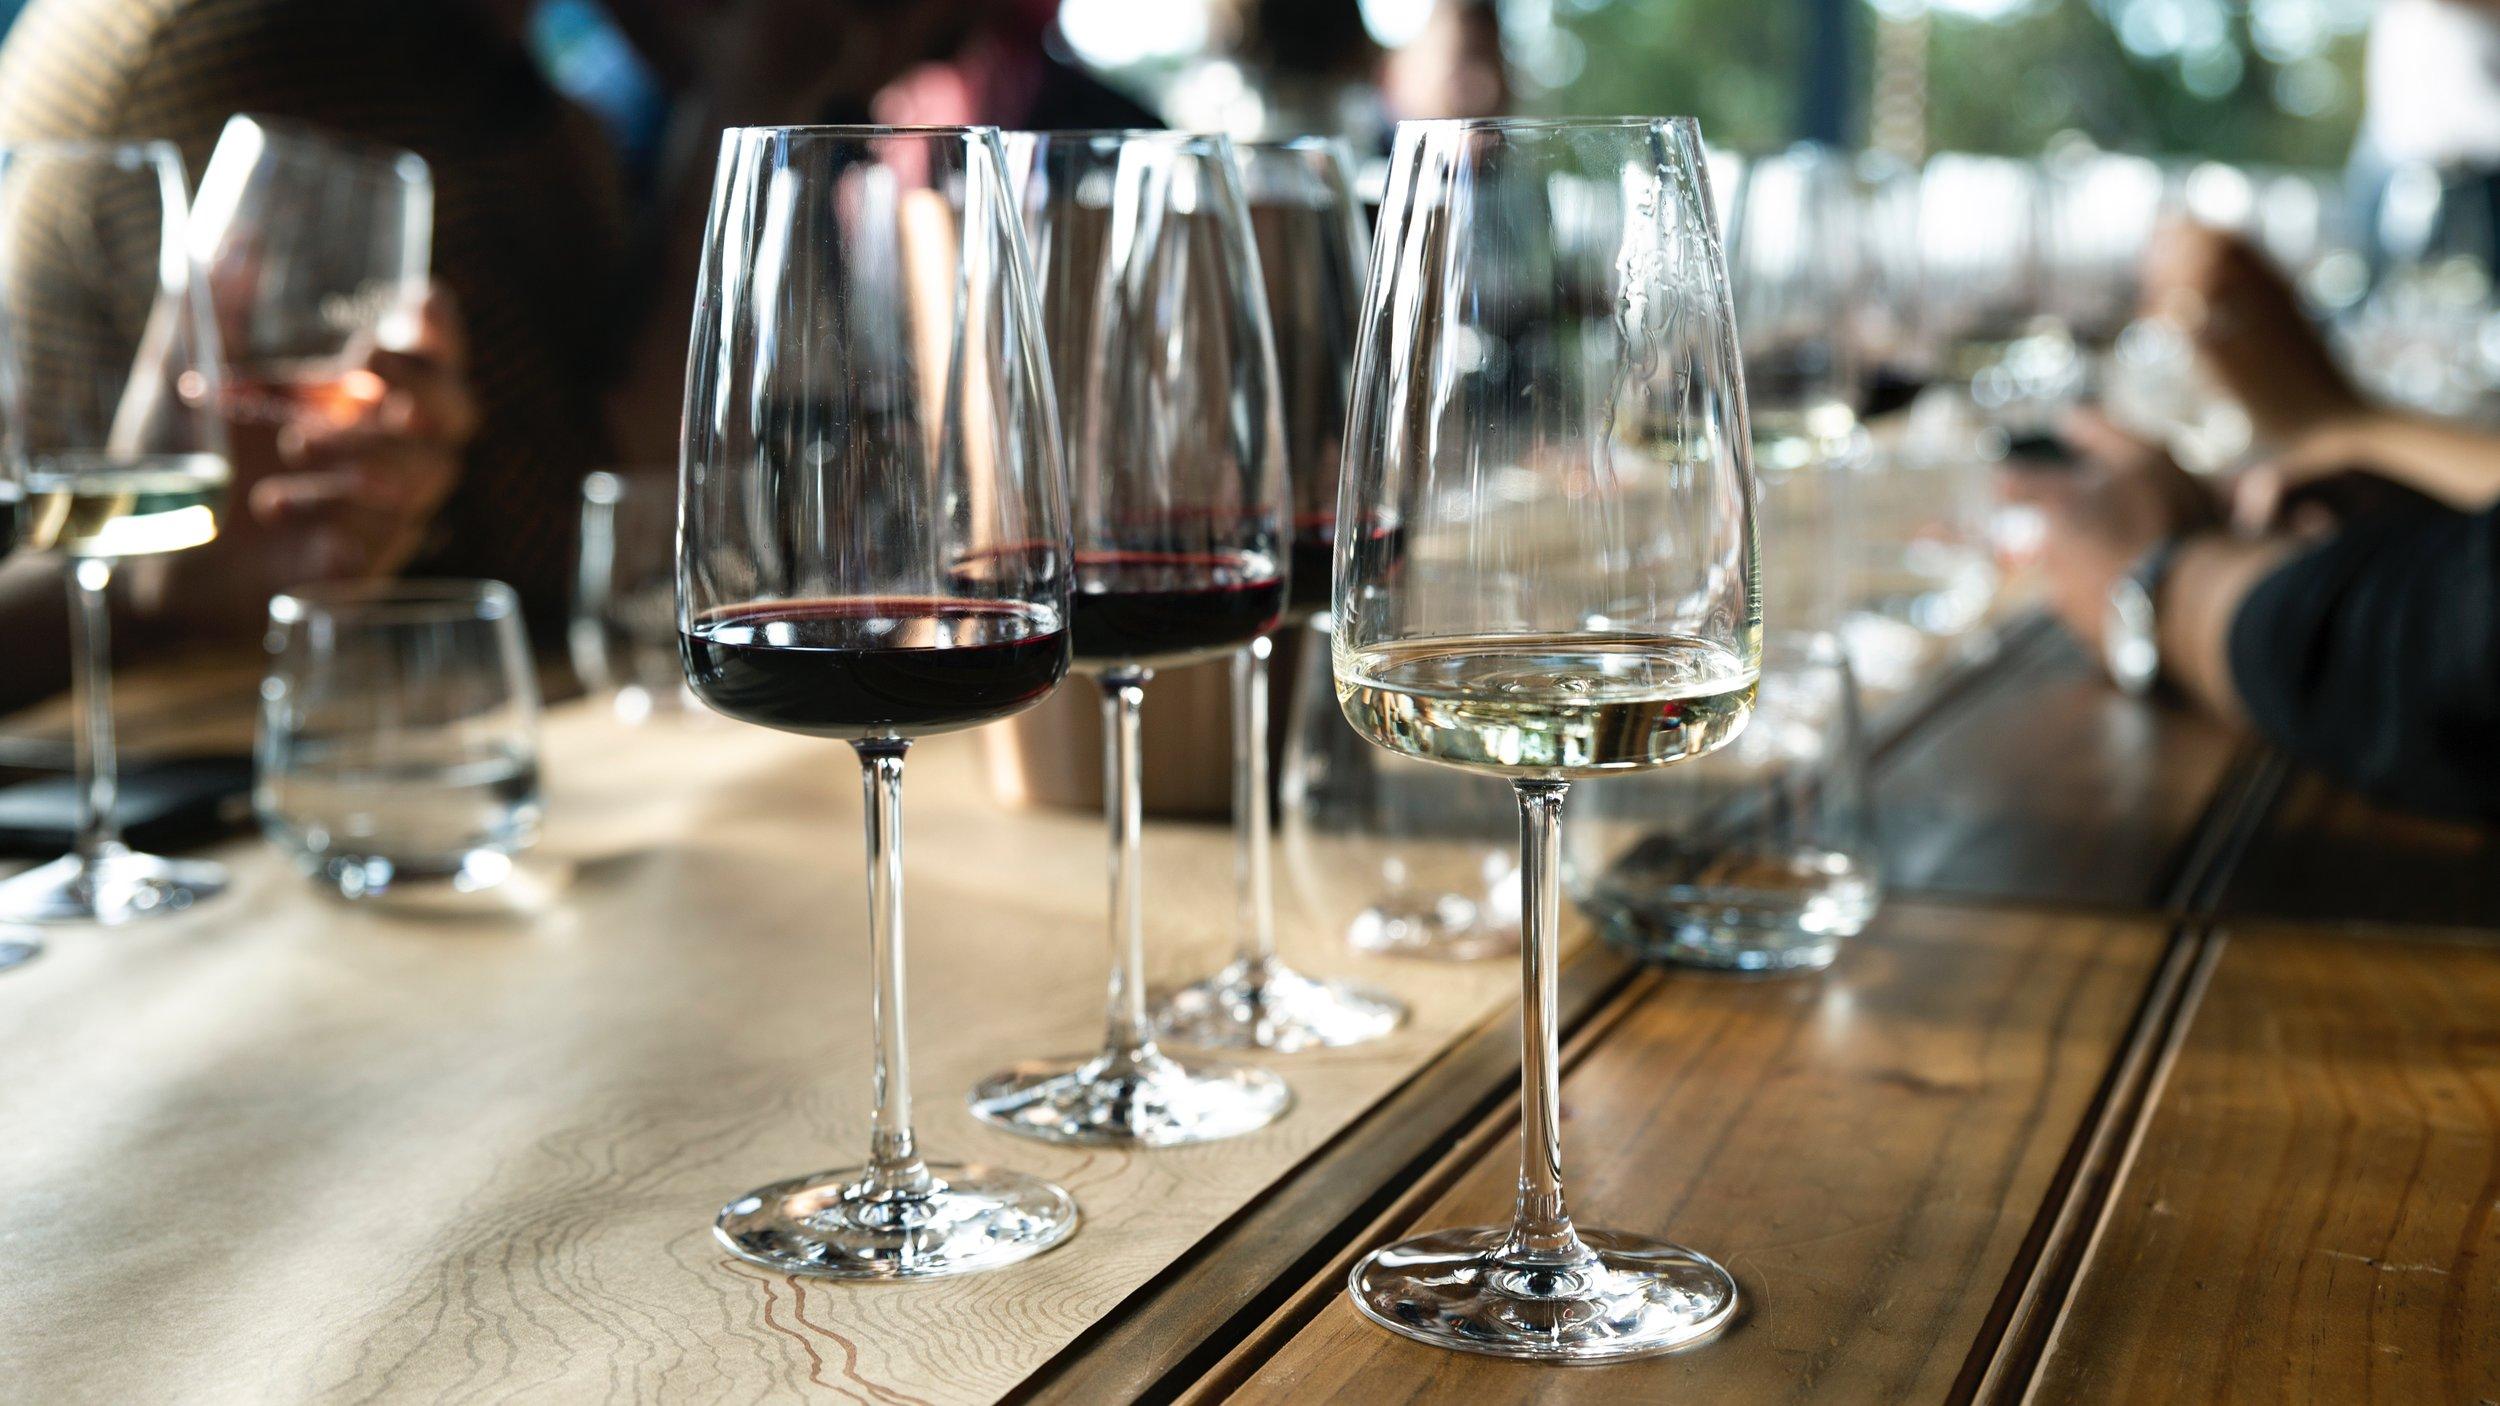 PROEF! - Bij de wijnworkshop Proef! neem ik jullie graag mee op ontdekkingsreis door de wondere wereld van wijn. Op een laagdrempelige manier ontdekt u door de speciaal geselecteerde wijnen uw eigen smaak en leert u ook kwaliteitsverschillen in wijn te herkennen. Door de aangename mix van theorie en praktijk valt er bij deze proeverij zowel voor de beginnende als voor de gevorderde wijndrinker dus veel te ontdekken.